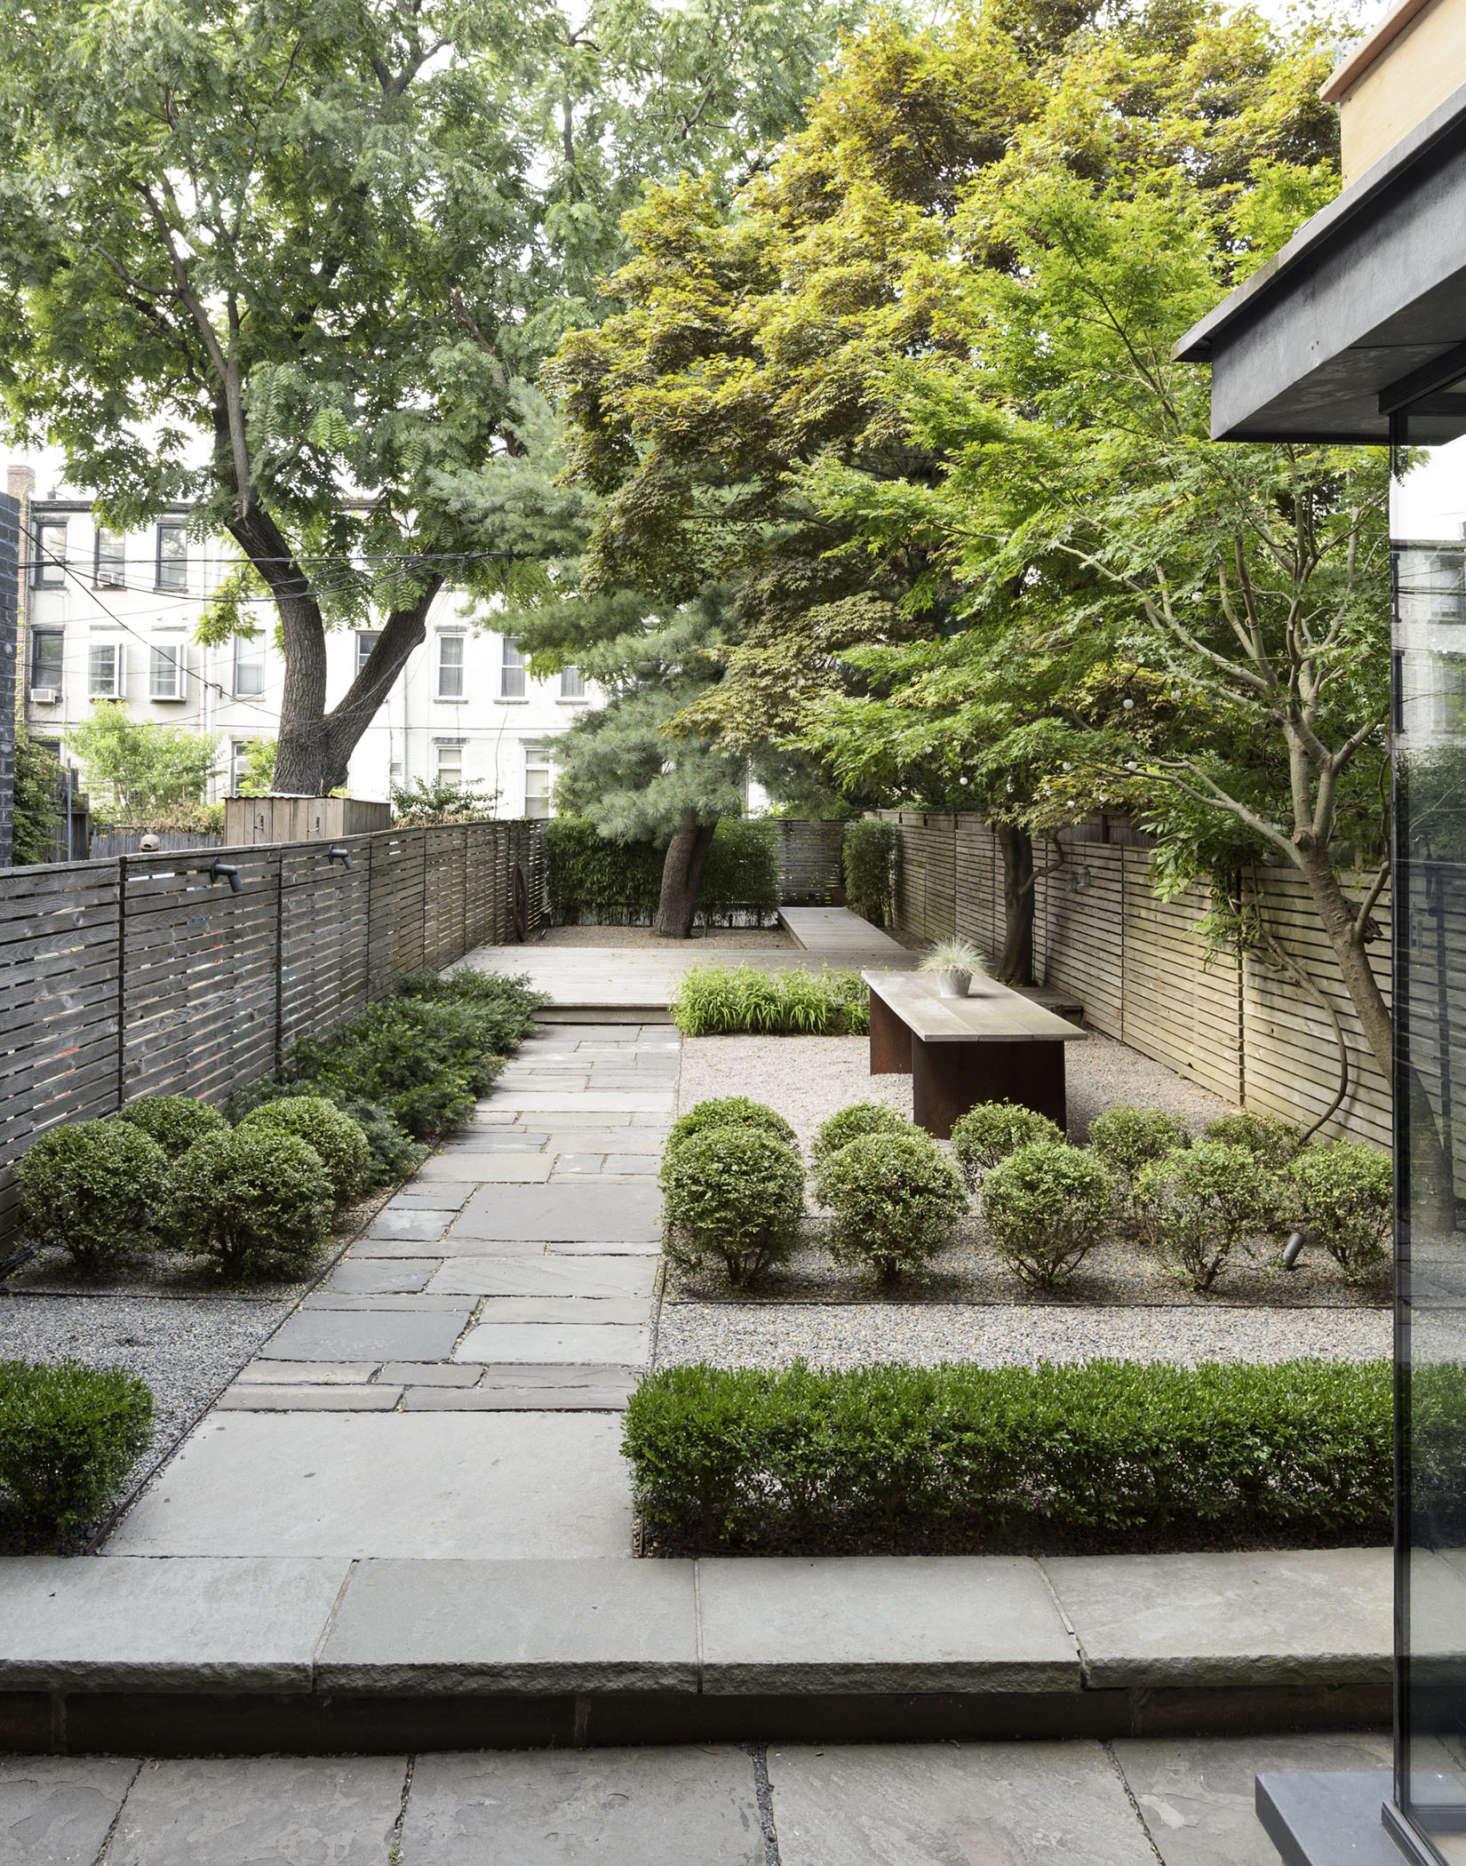 Brooklyn garden fence by Matthew Williams